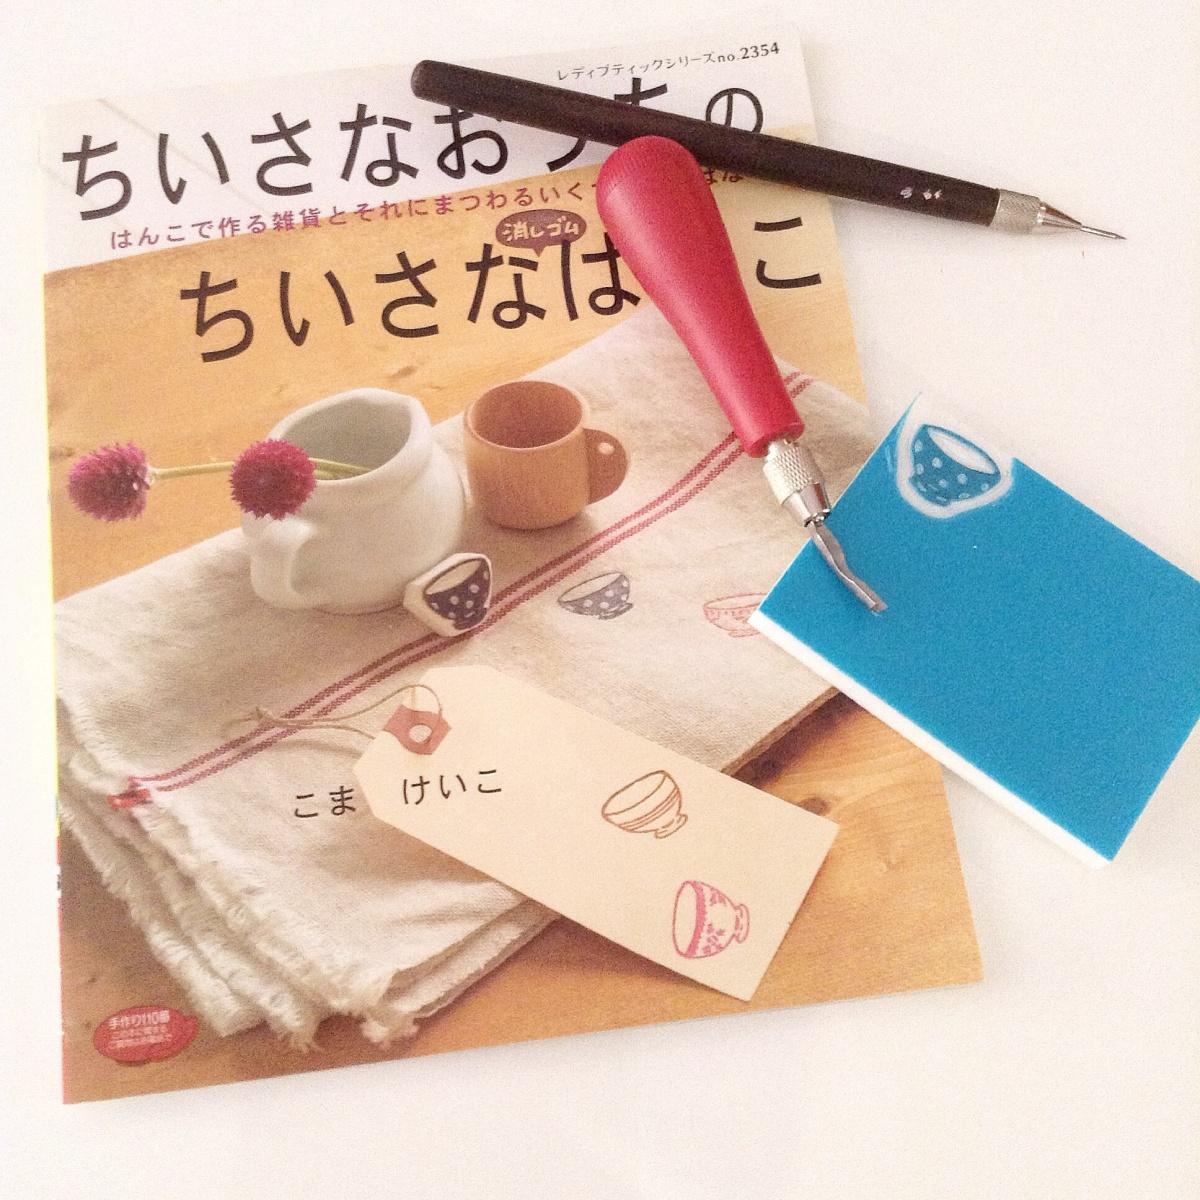 Nuestros materiales favoritos: bloques de goma japoneses para carvar sellos